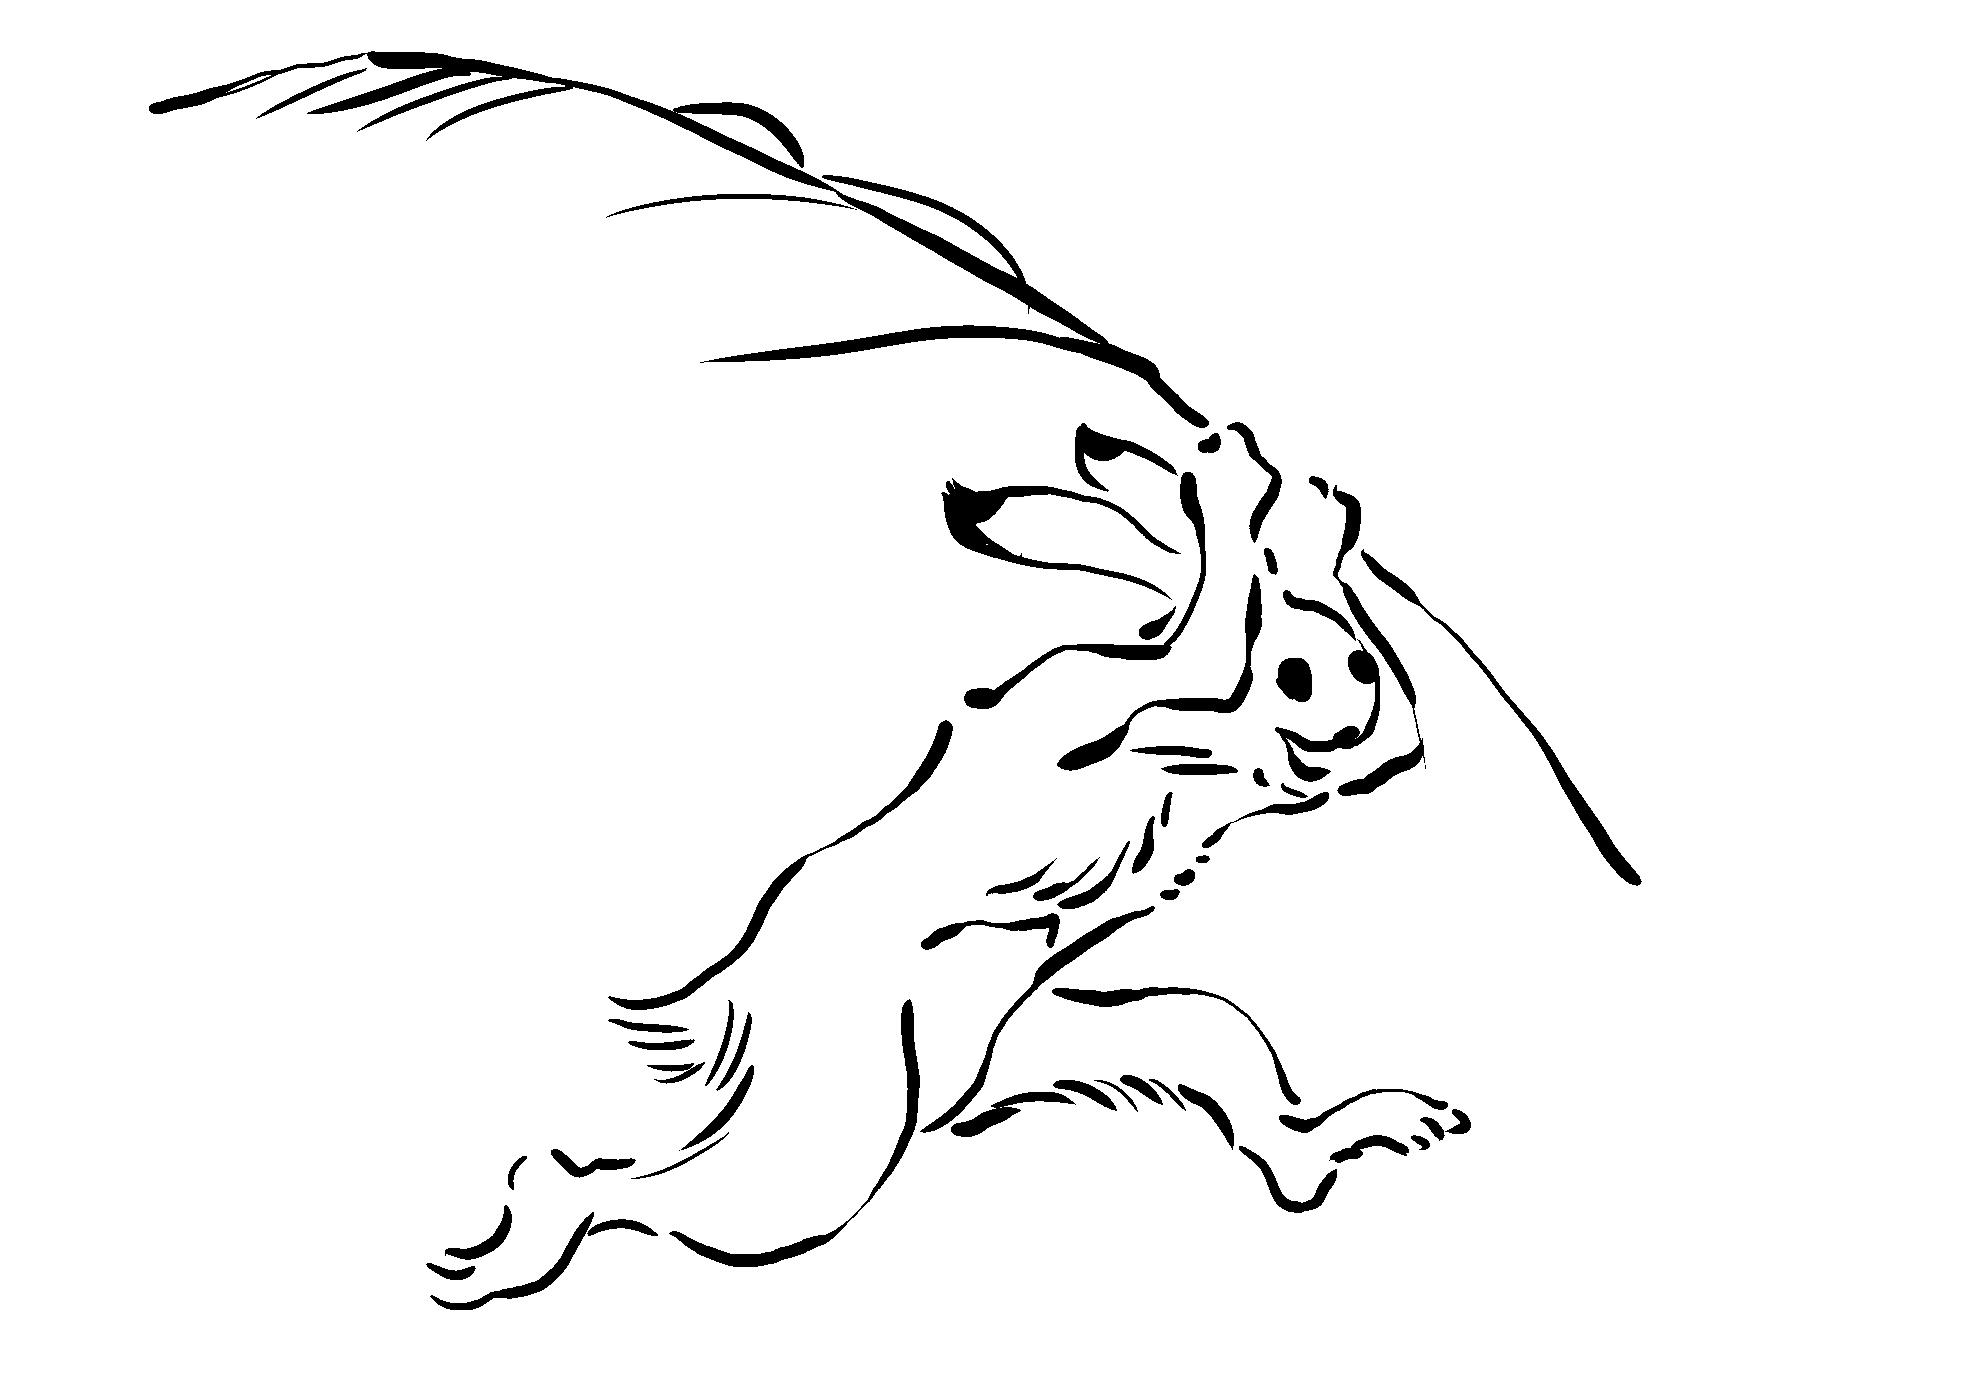 鳥獣戯画素材 Kedoblog倉庫